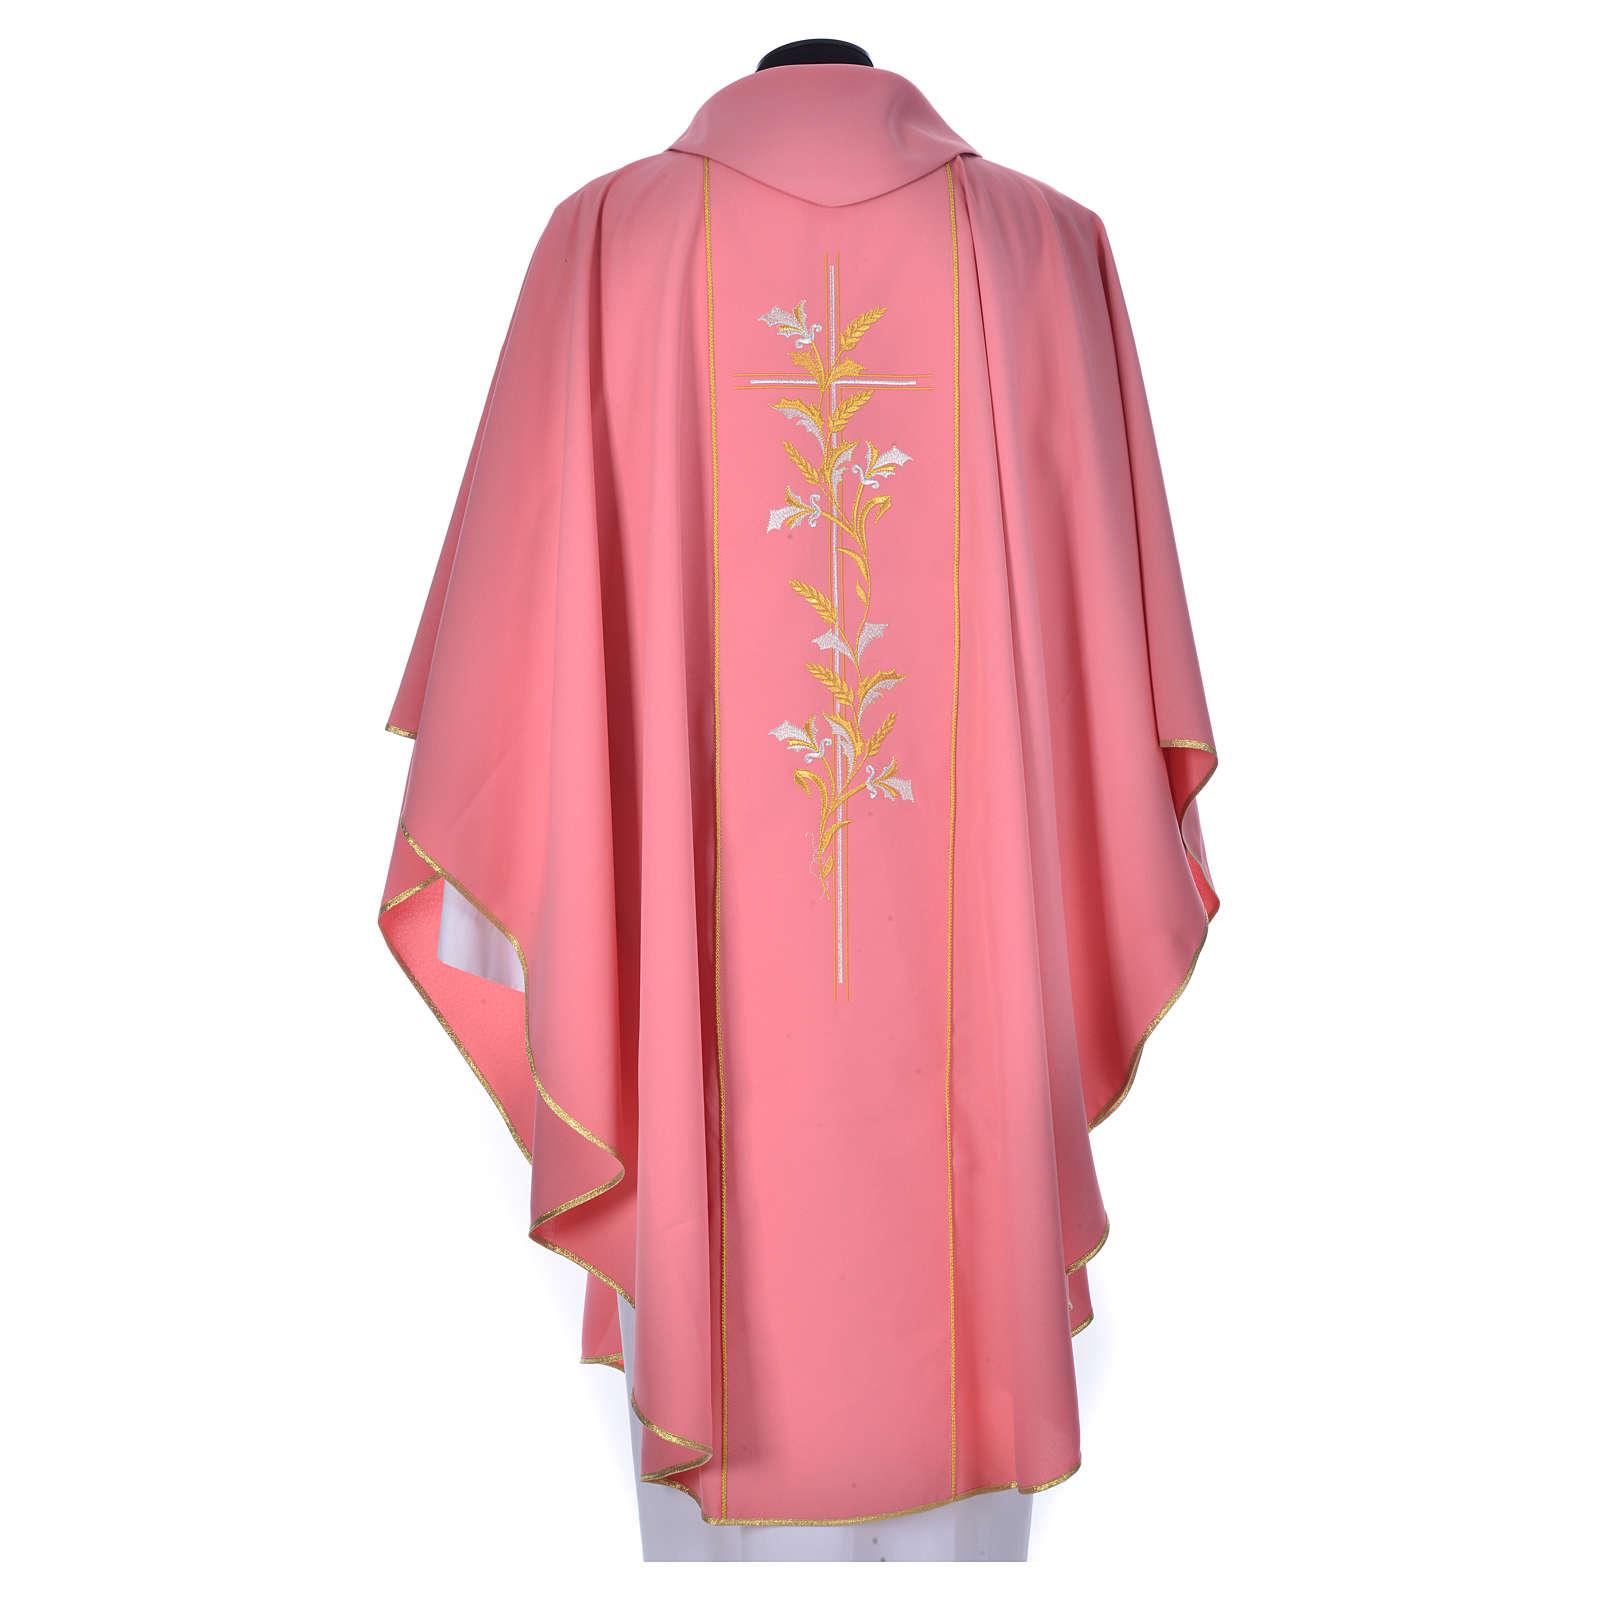 Casula sacerdotale rosa 100% poliestere croce gigli 4